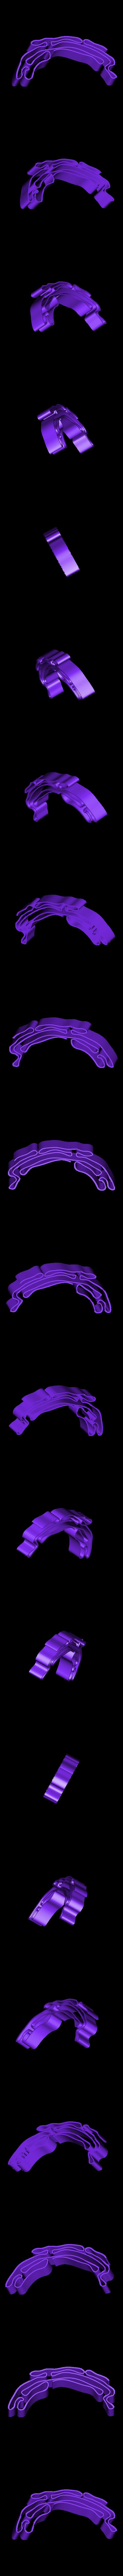 cell_endoplasmic_recticulum.STL Télécharger fichier STL gratuit Modèle de cellule multicolore • Plan imprimable en 3D, MosaicManufacturing